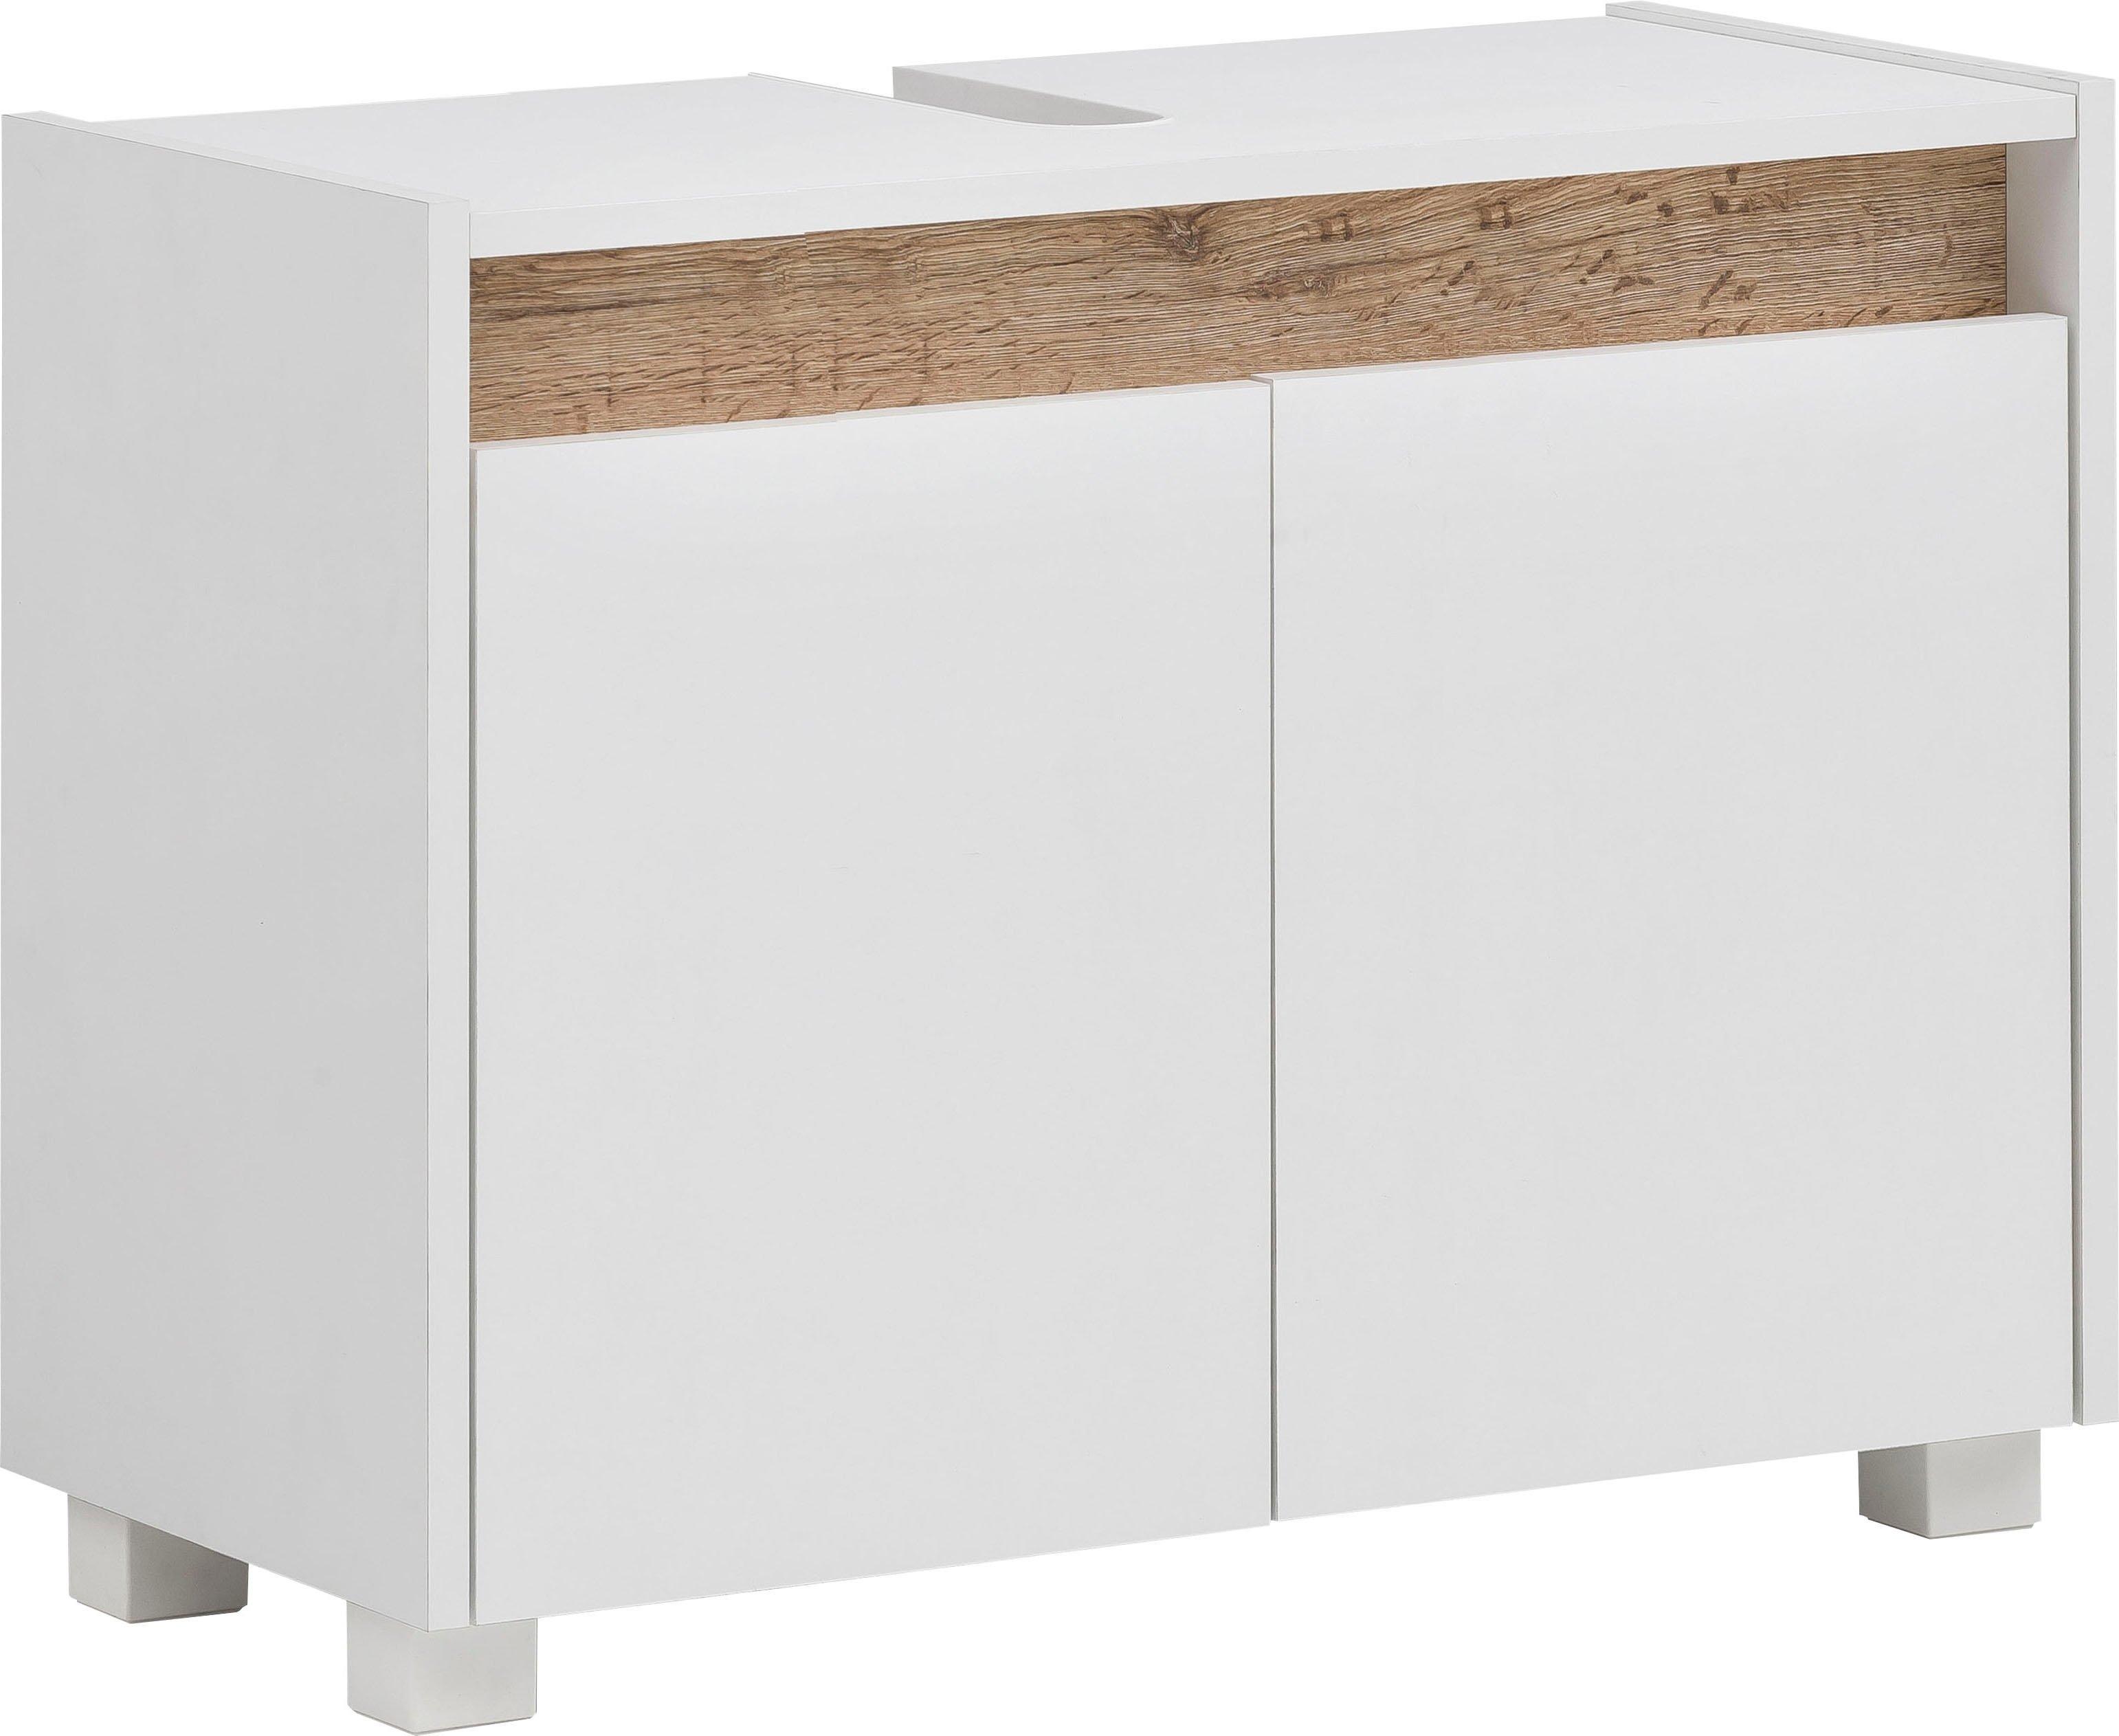 Op zoek naar een Schildmeyer wastafelonderkast Cosmo Breedte 80 cm? Koop online bij OTTO